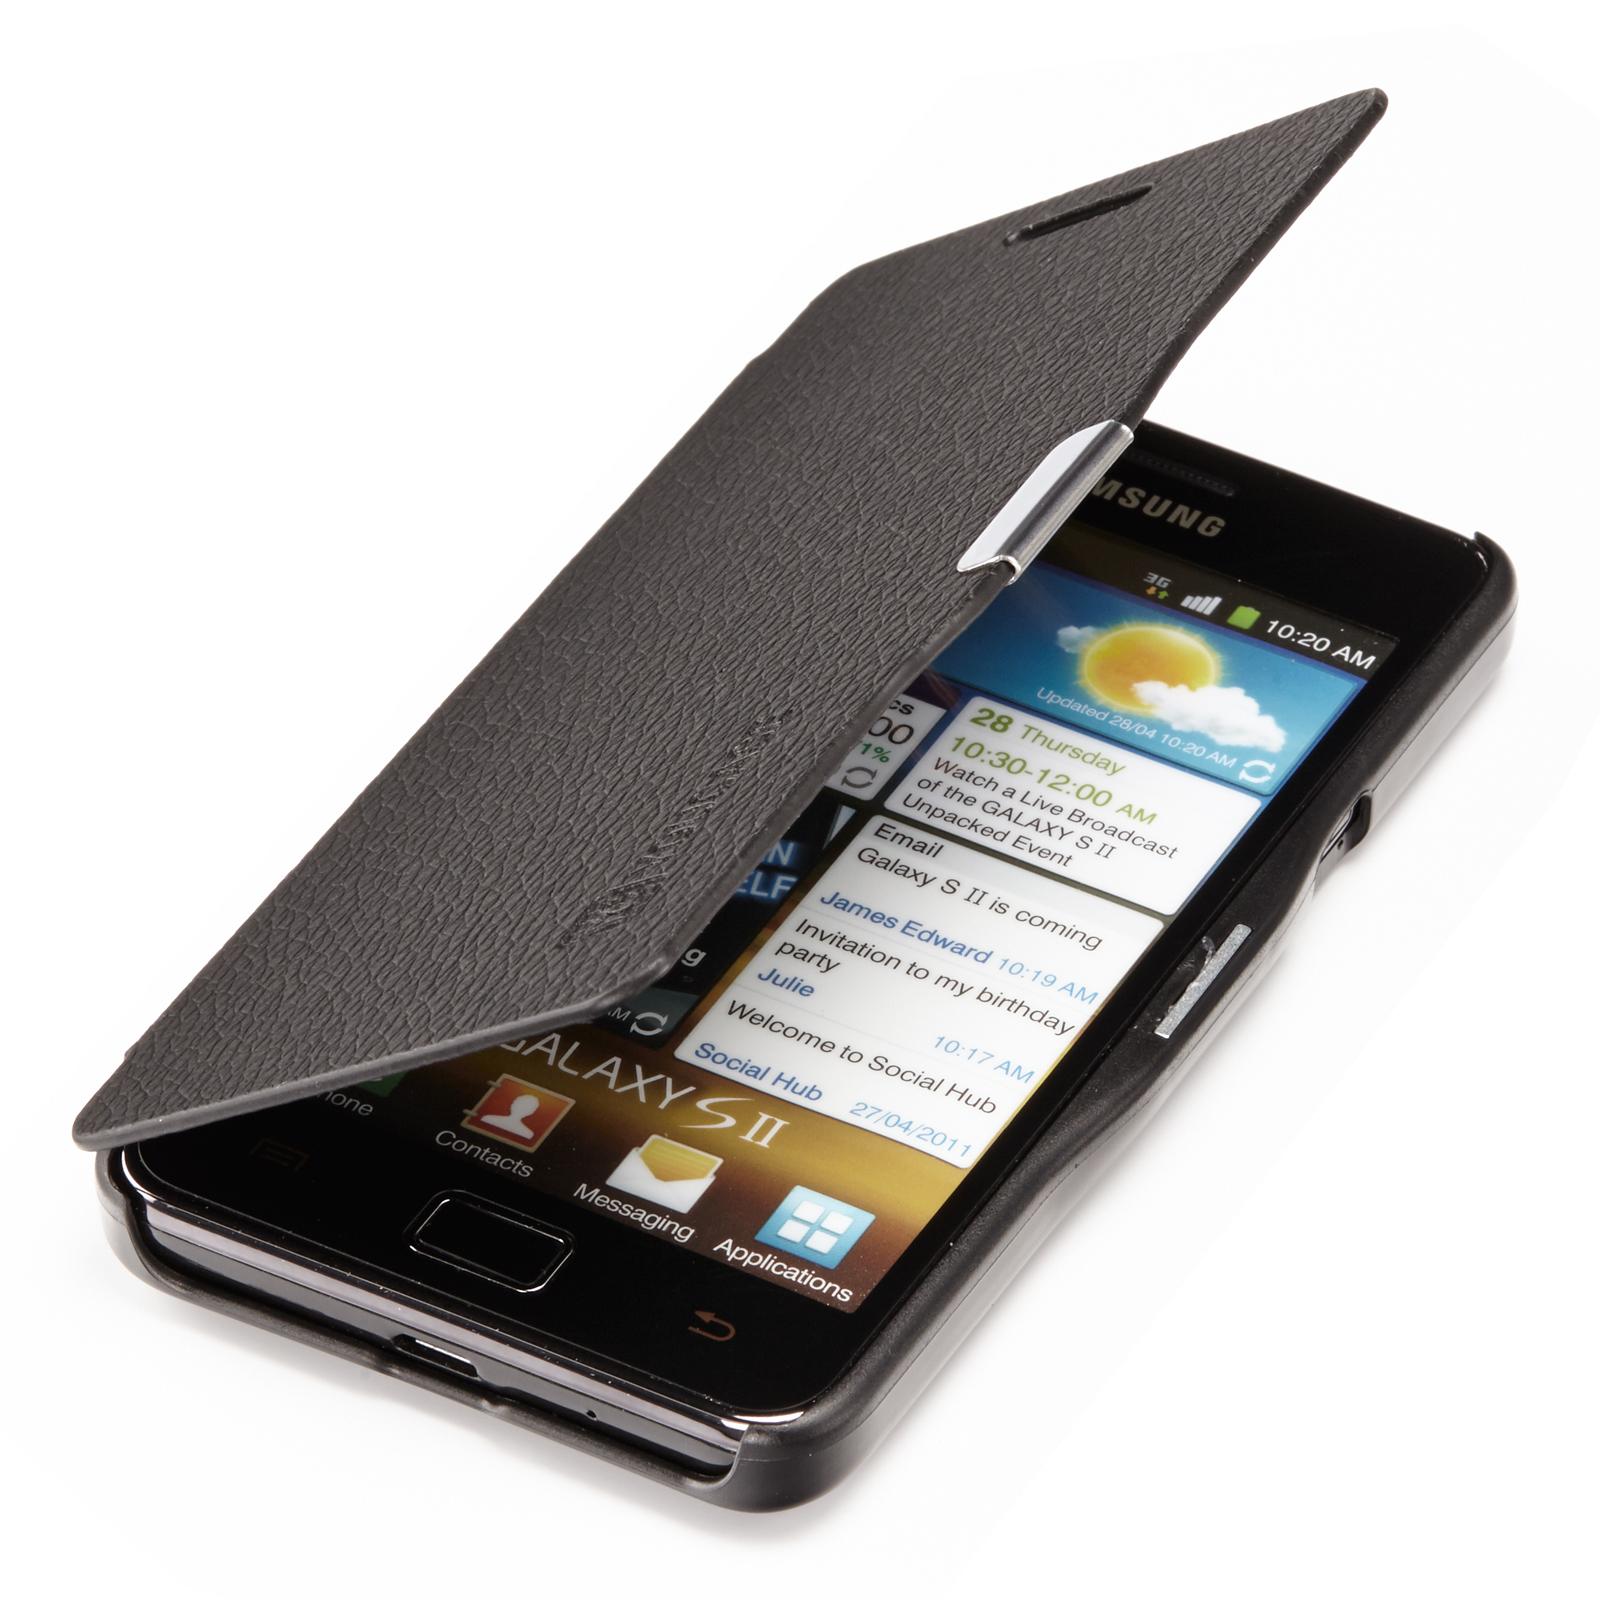 Samsung-Galaxy-S2-i9100-Slim-Flip-Case-Leder-Tasche-Schutz-Huelle-Etui-Schwarz